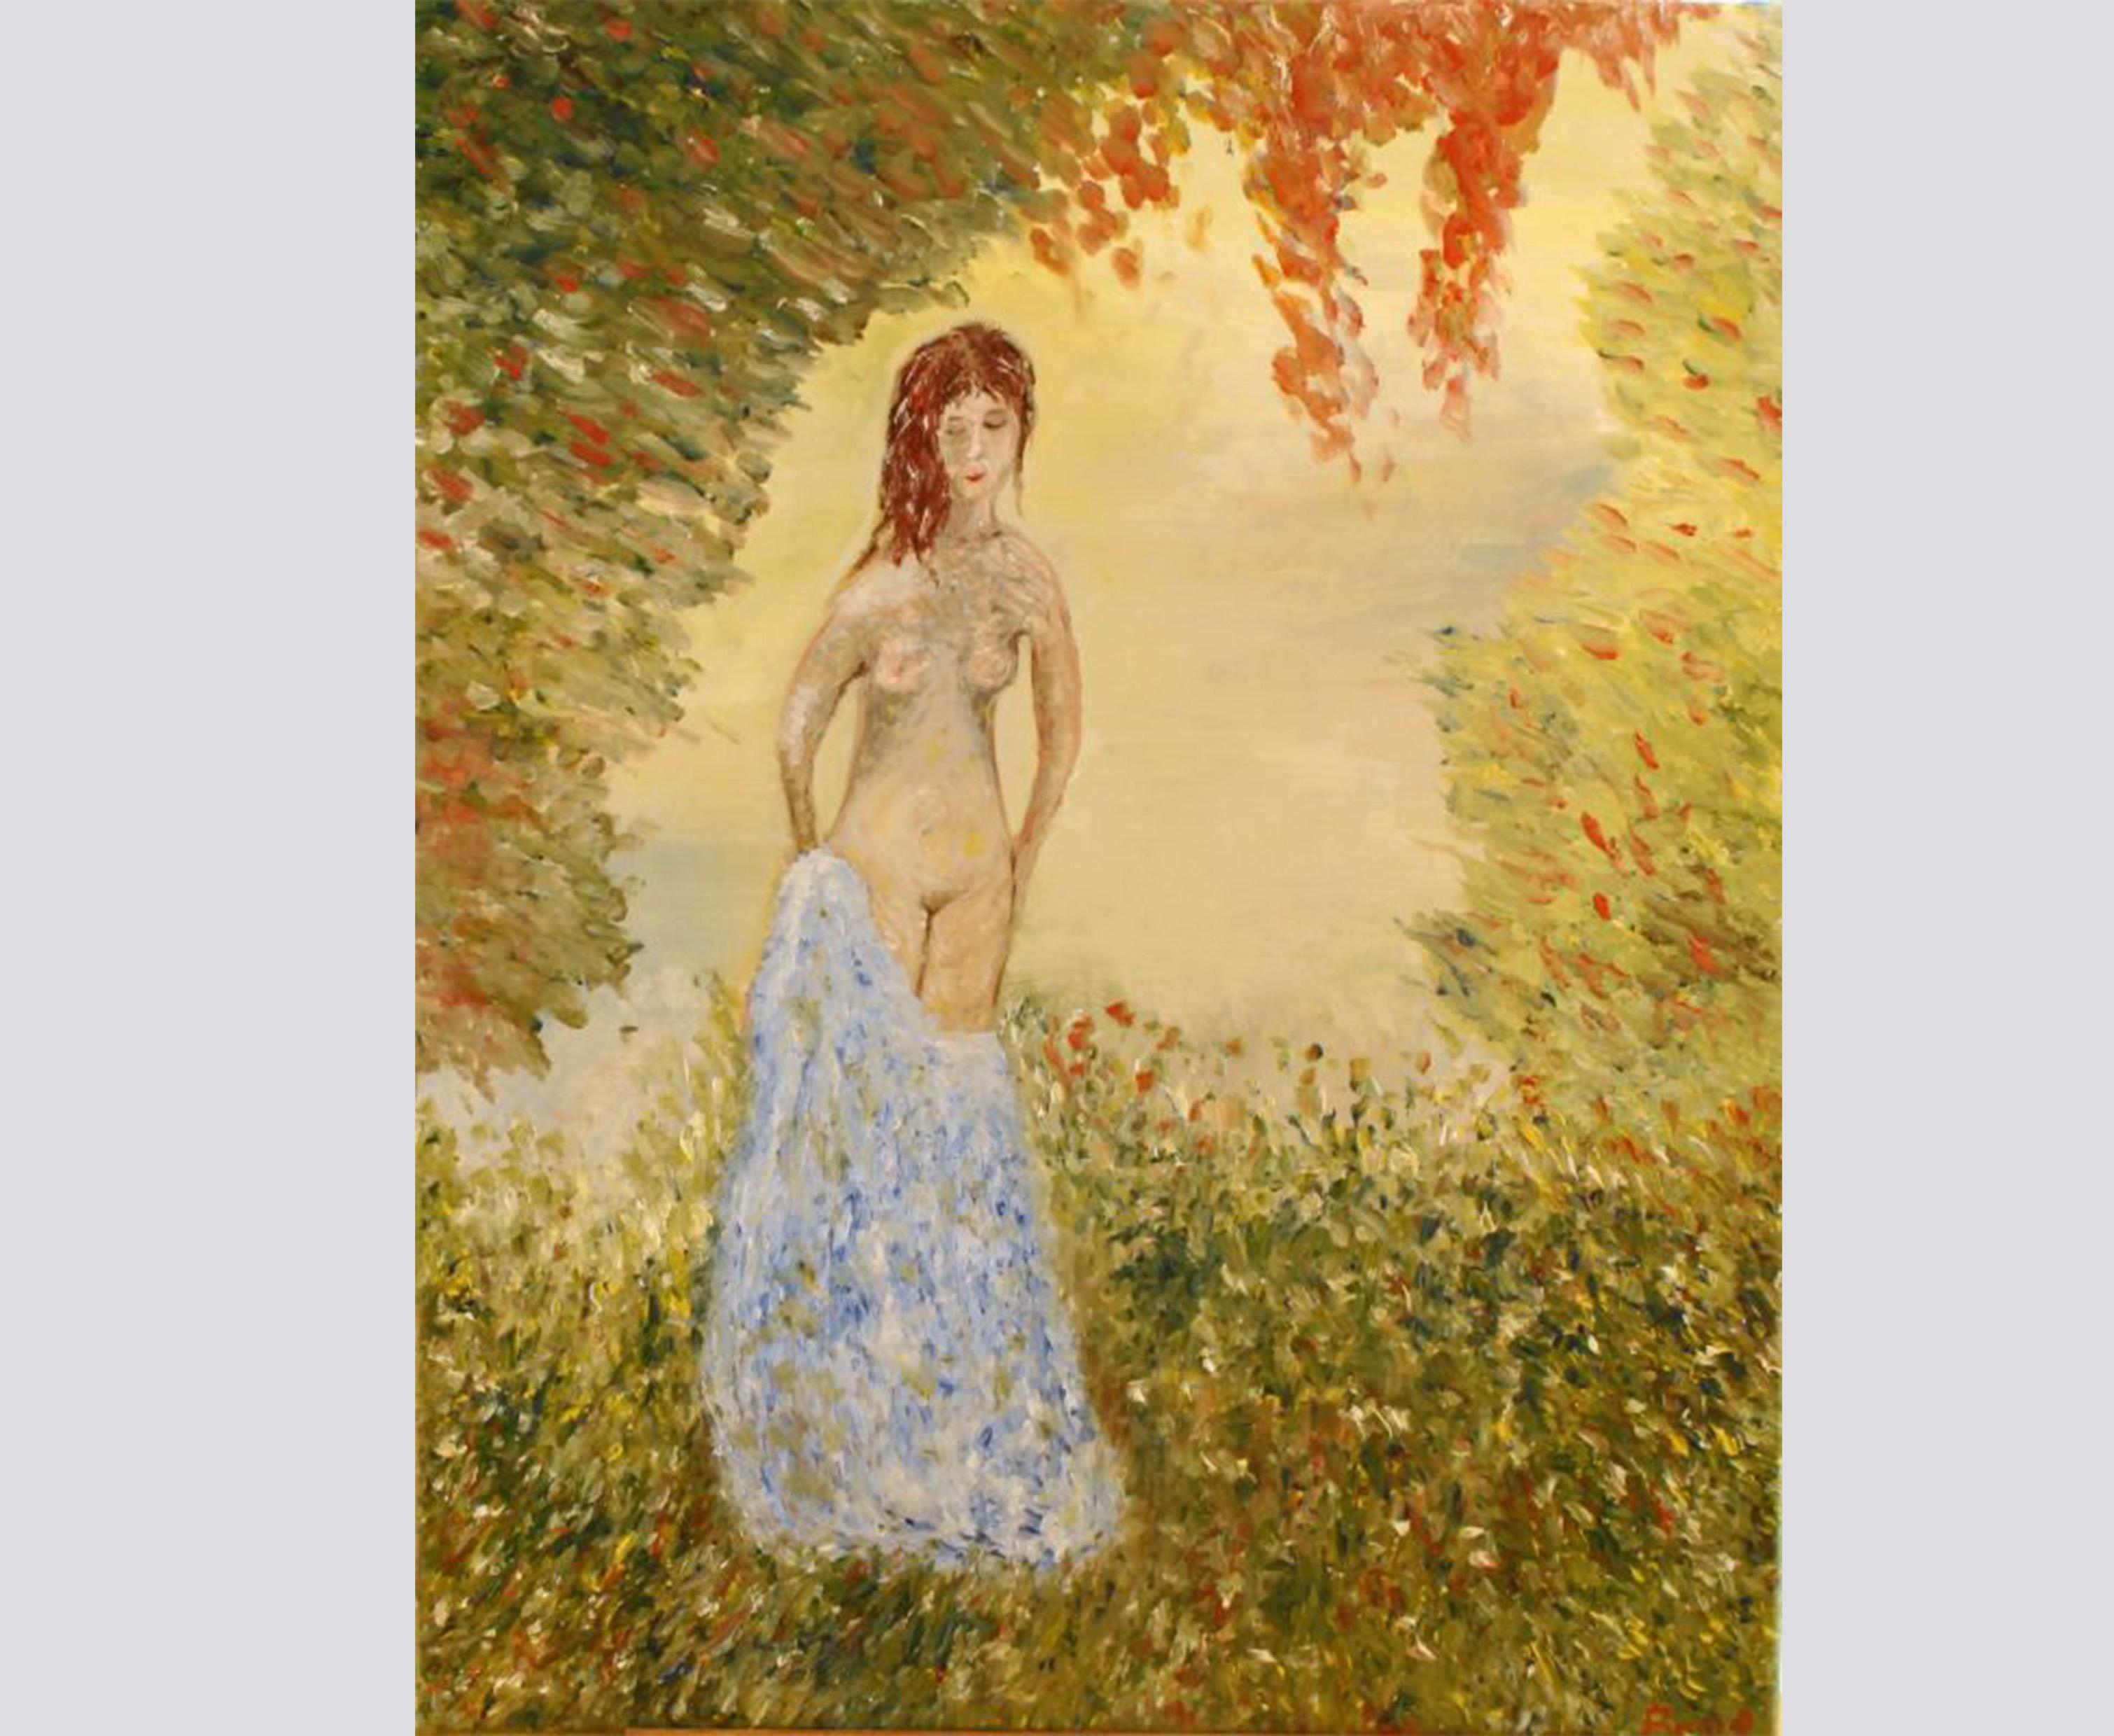 Die Träumerin (2012, 40 x 50 cm)